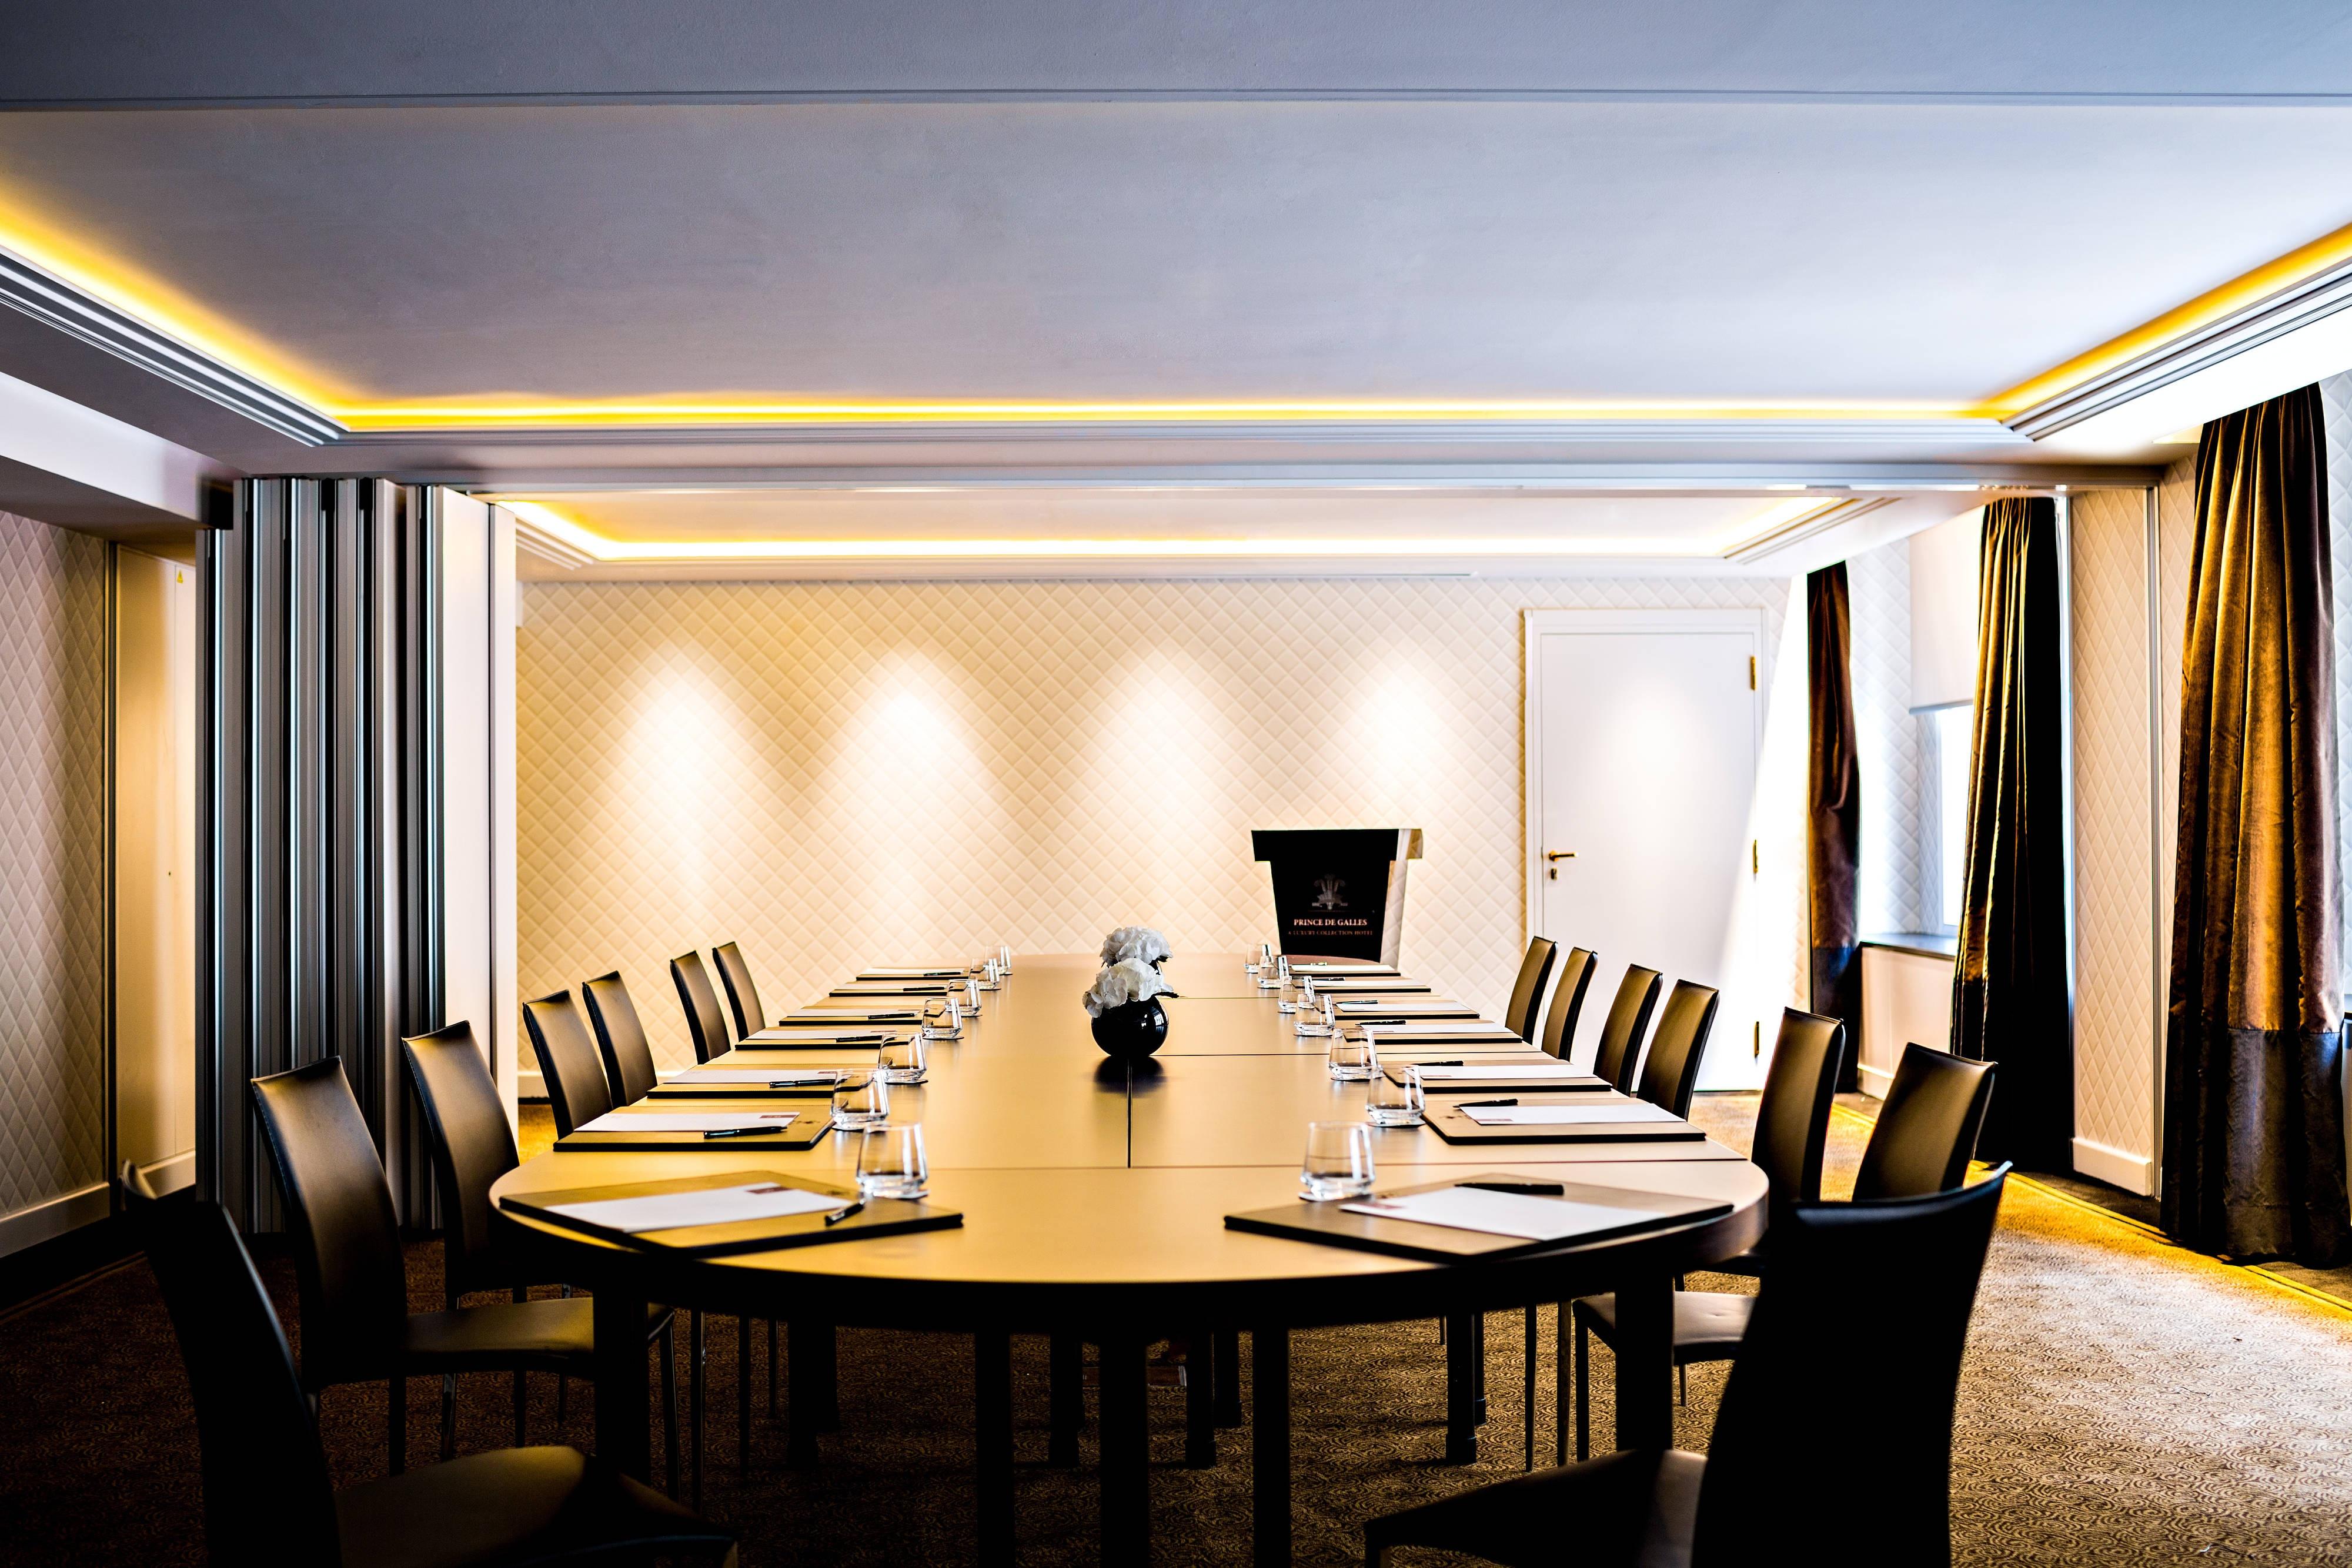 Salon Chaillot – Configuration salle de conseils